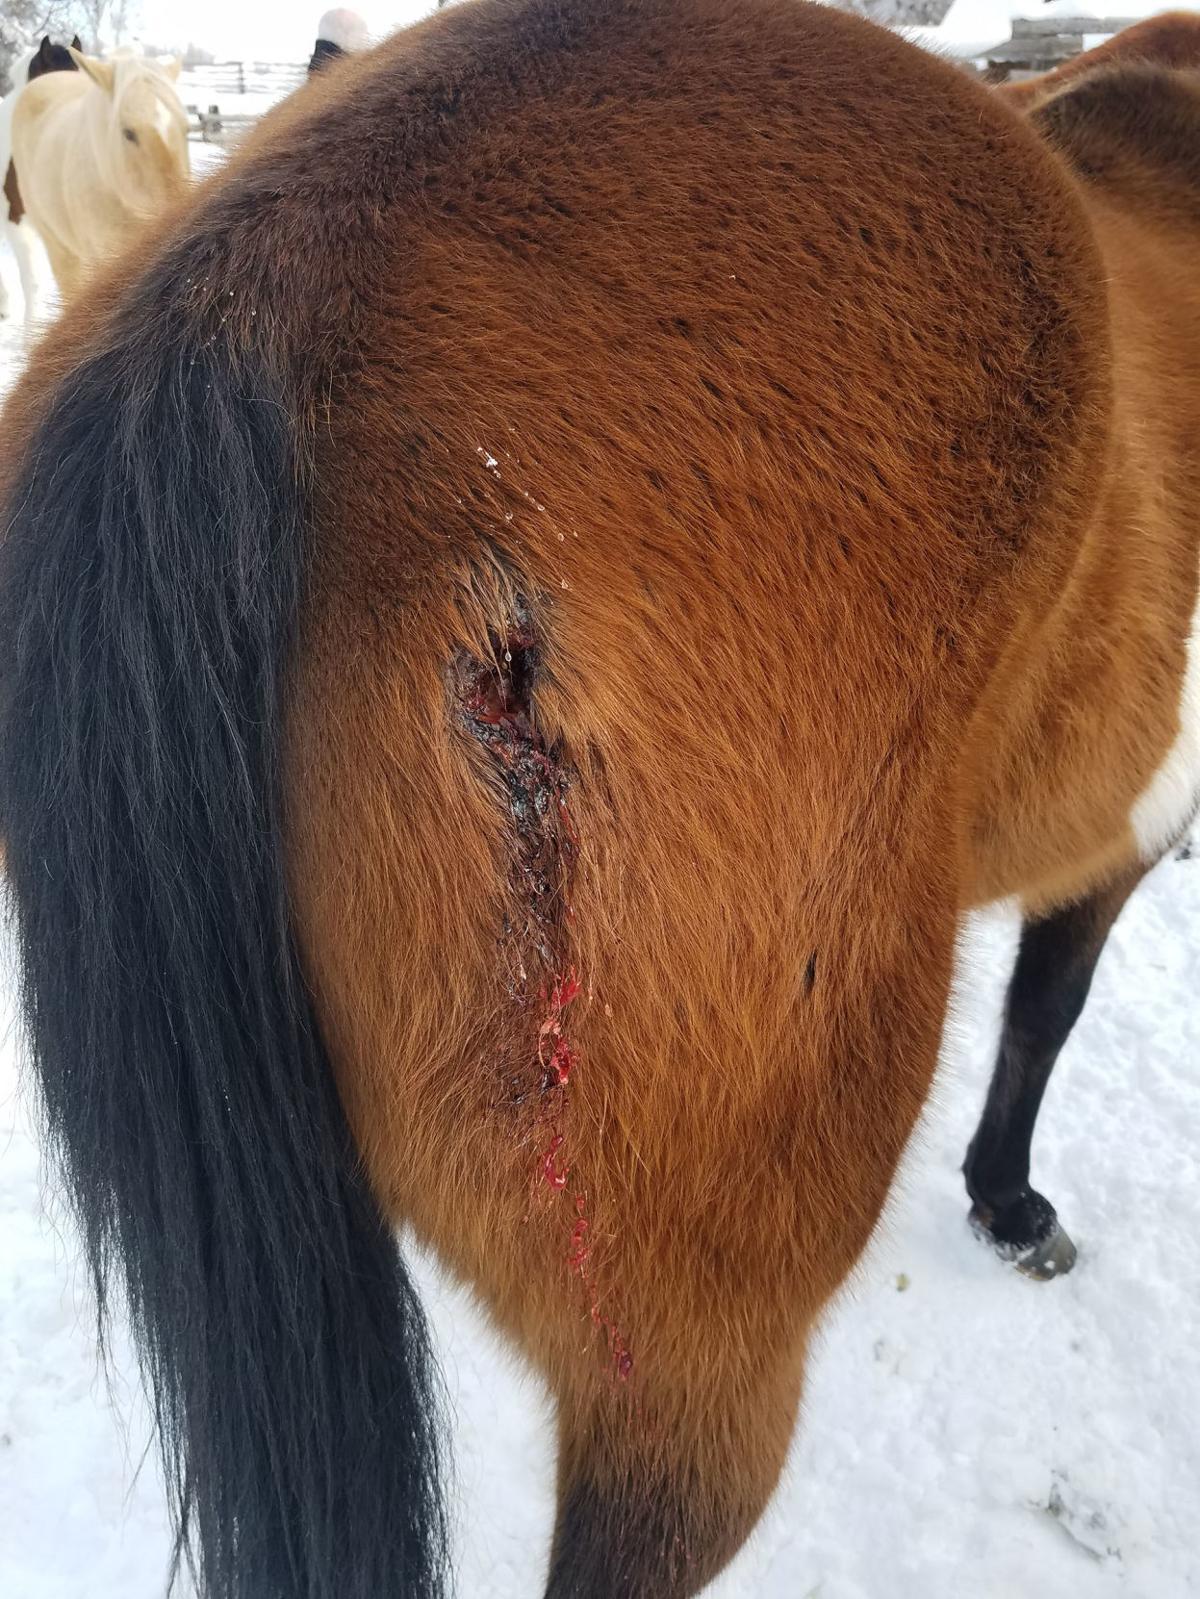 Moose Head Ranch horse